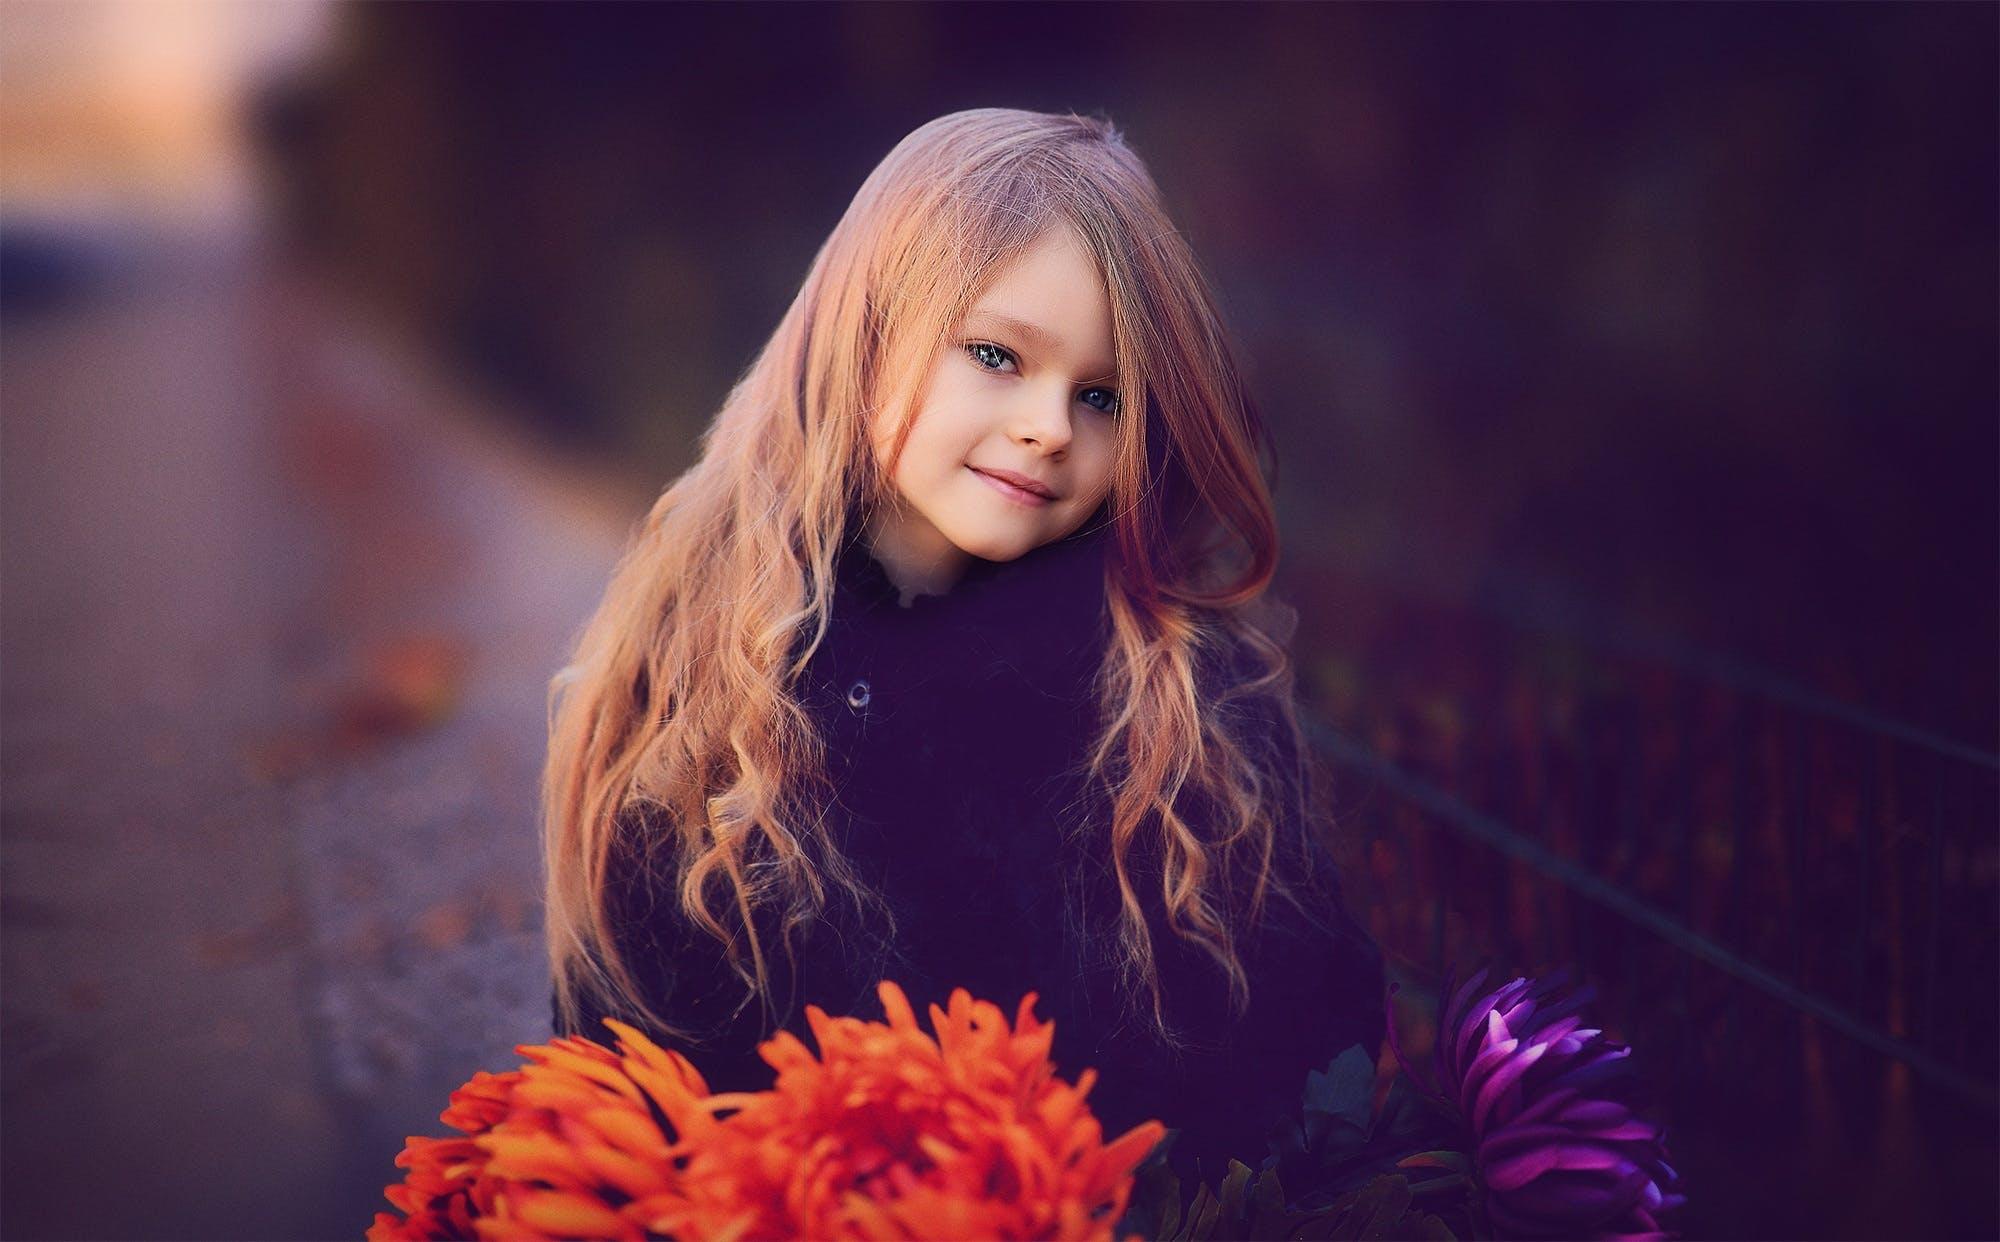 aranyos, cuki, divat